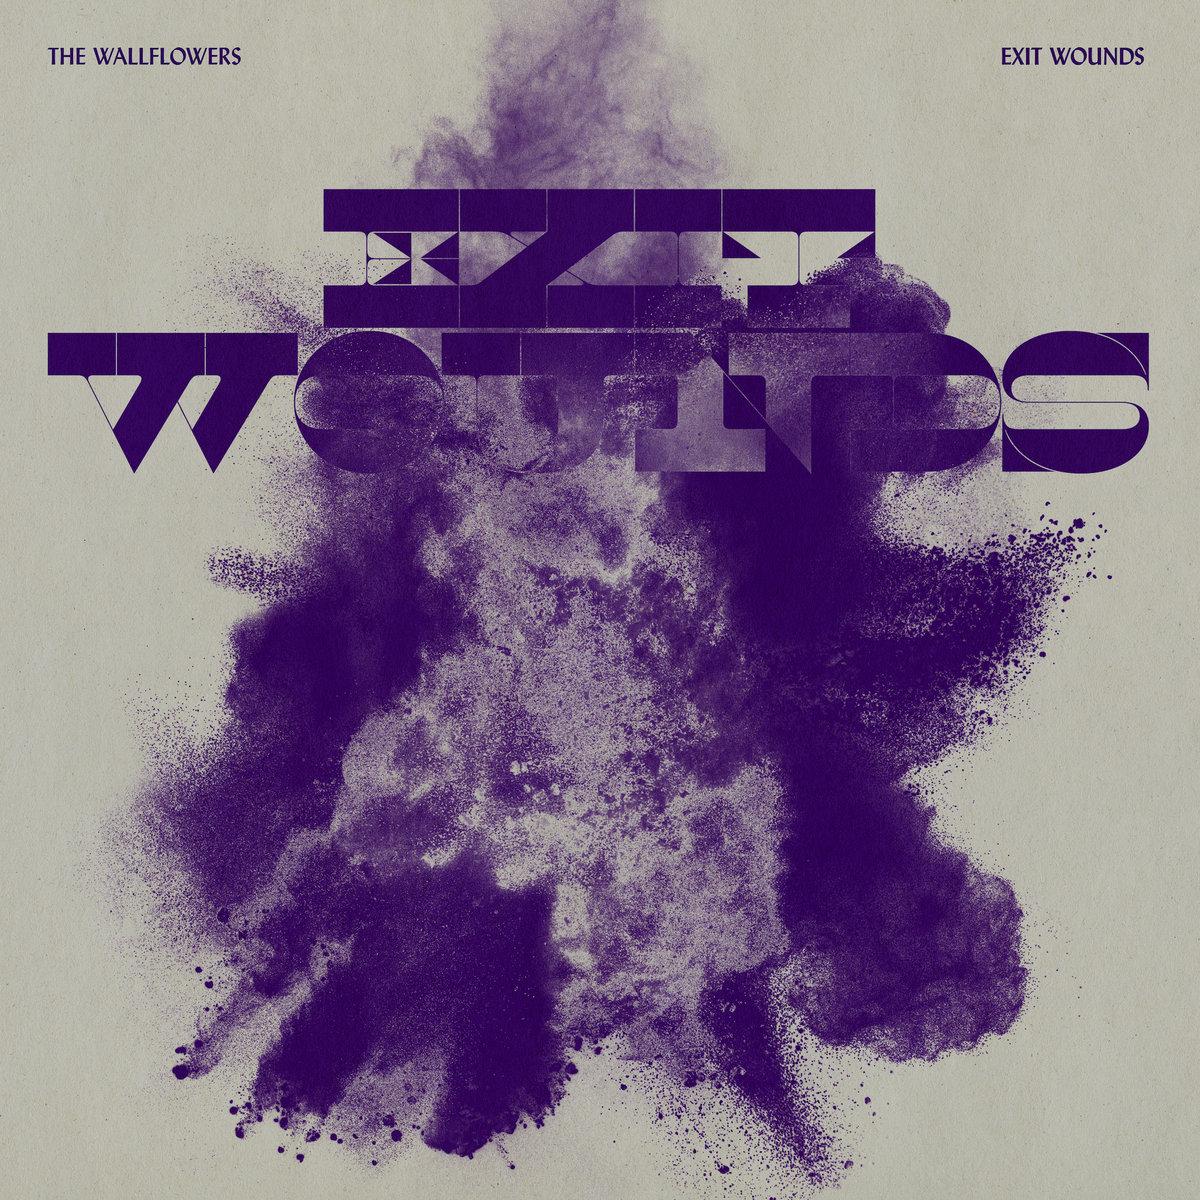 Wallflowers - Exit Wounds [LTD LP] (Purple vinyl)